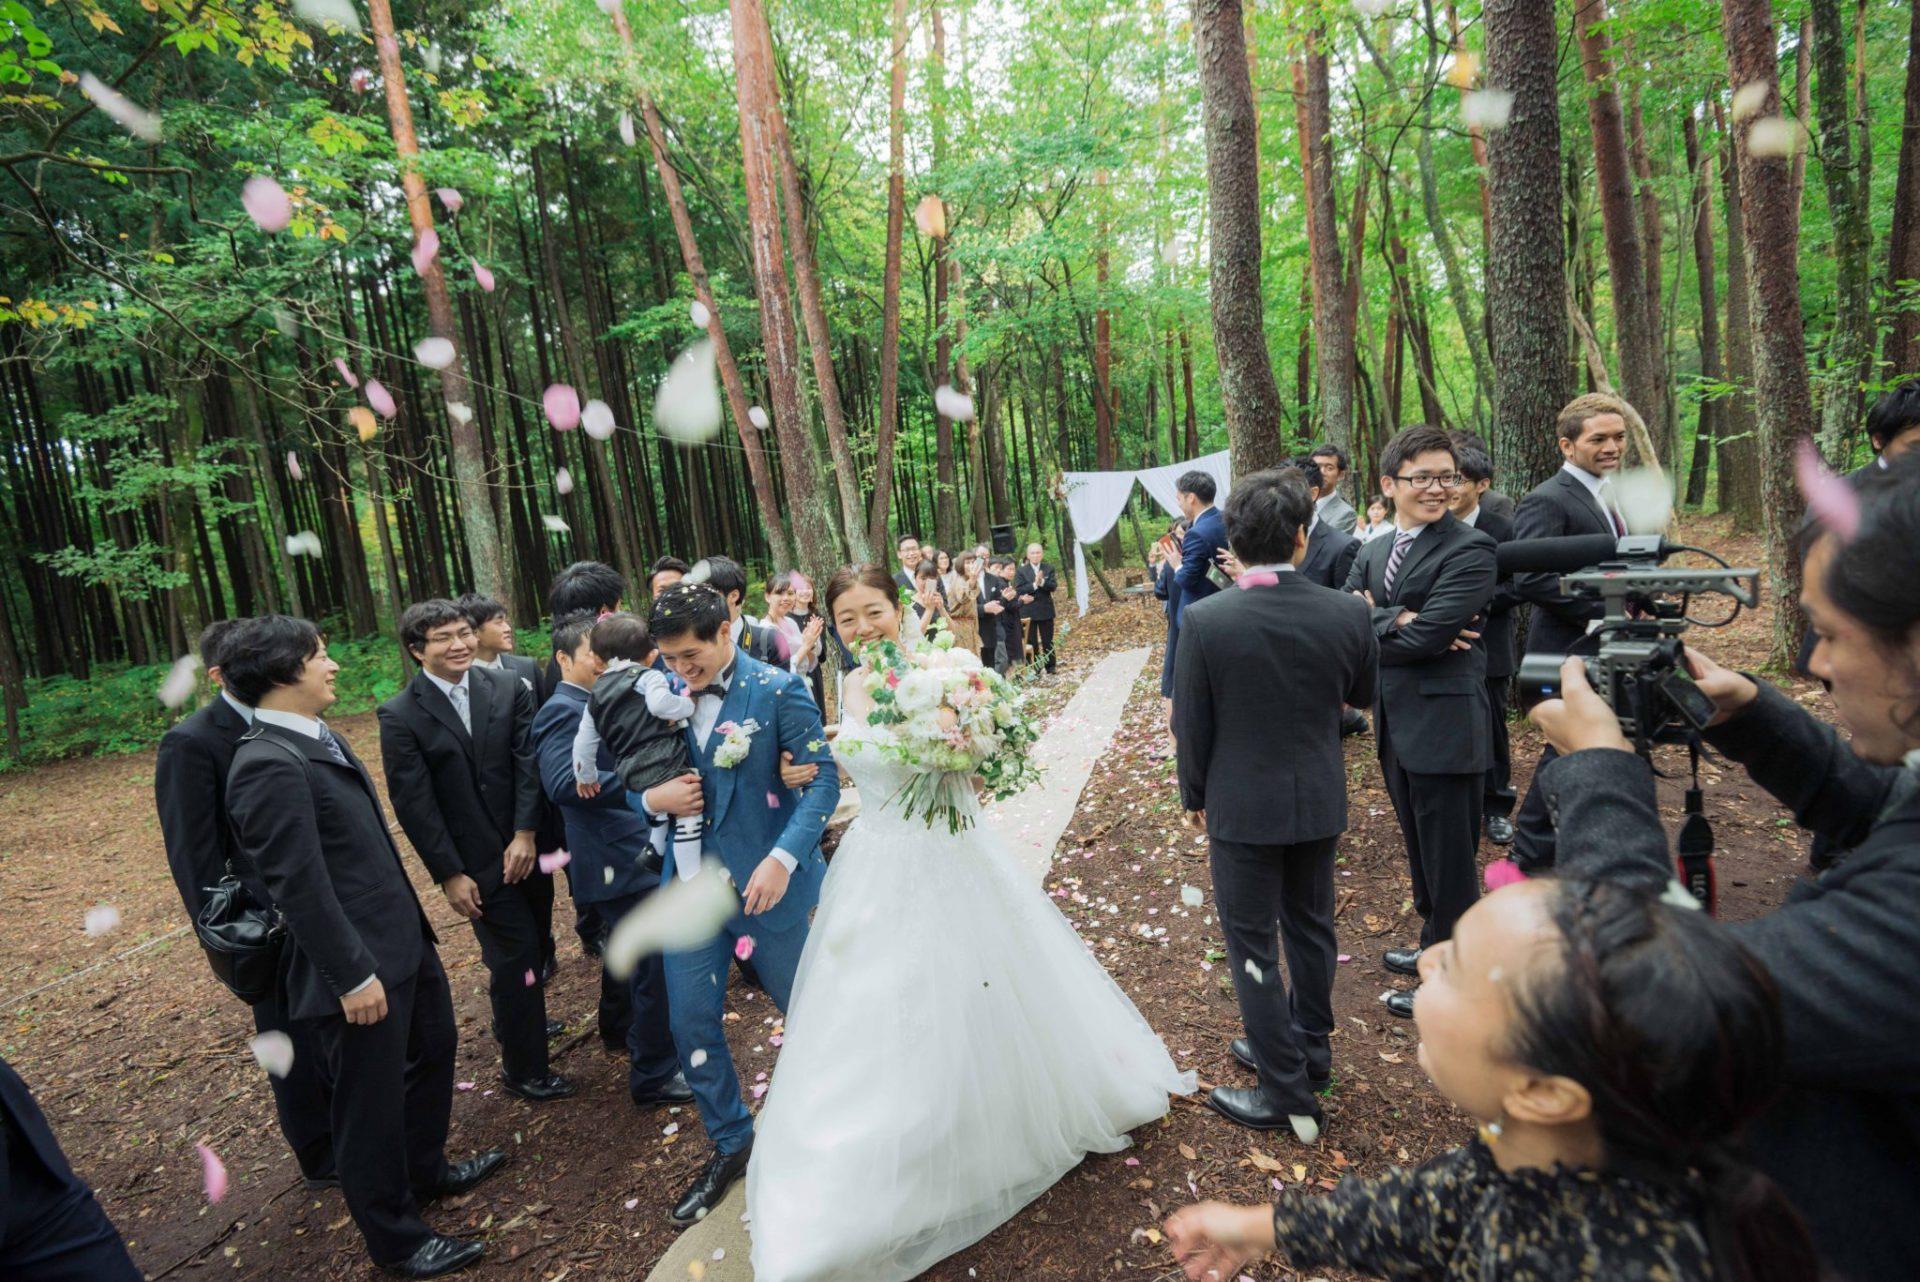 べるが(verga)での結婚式-退場